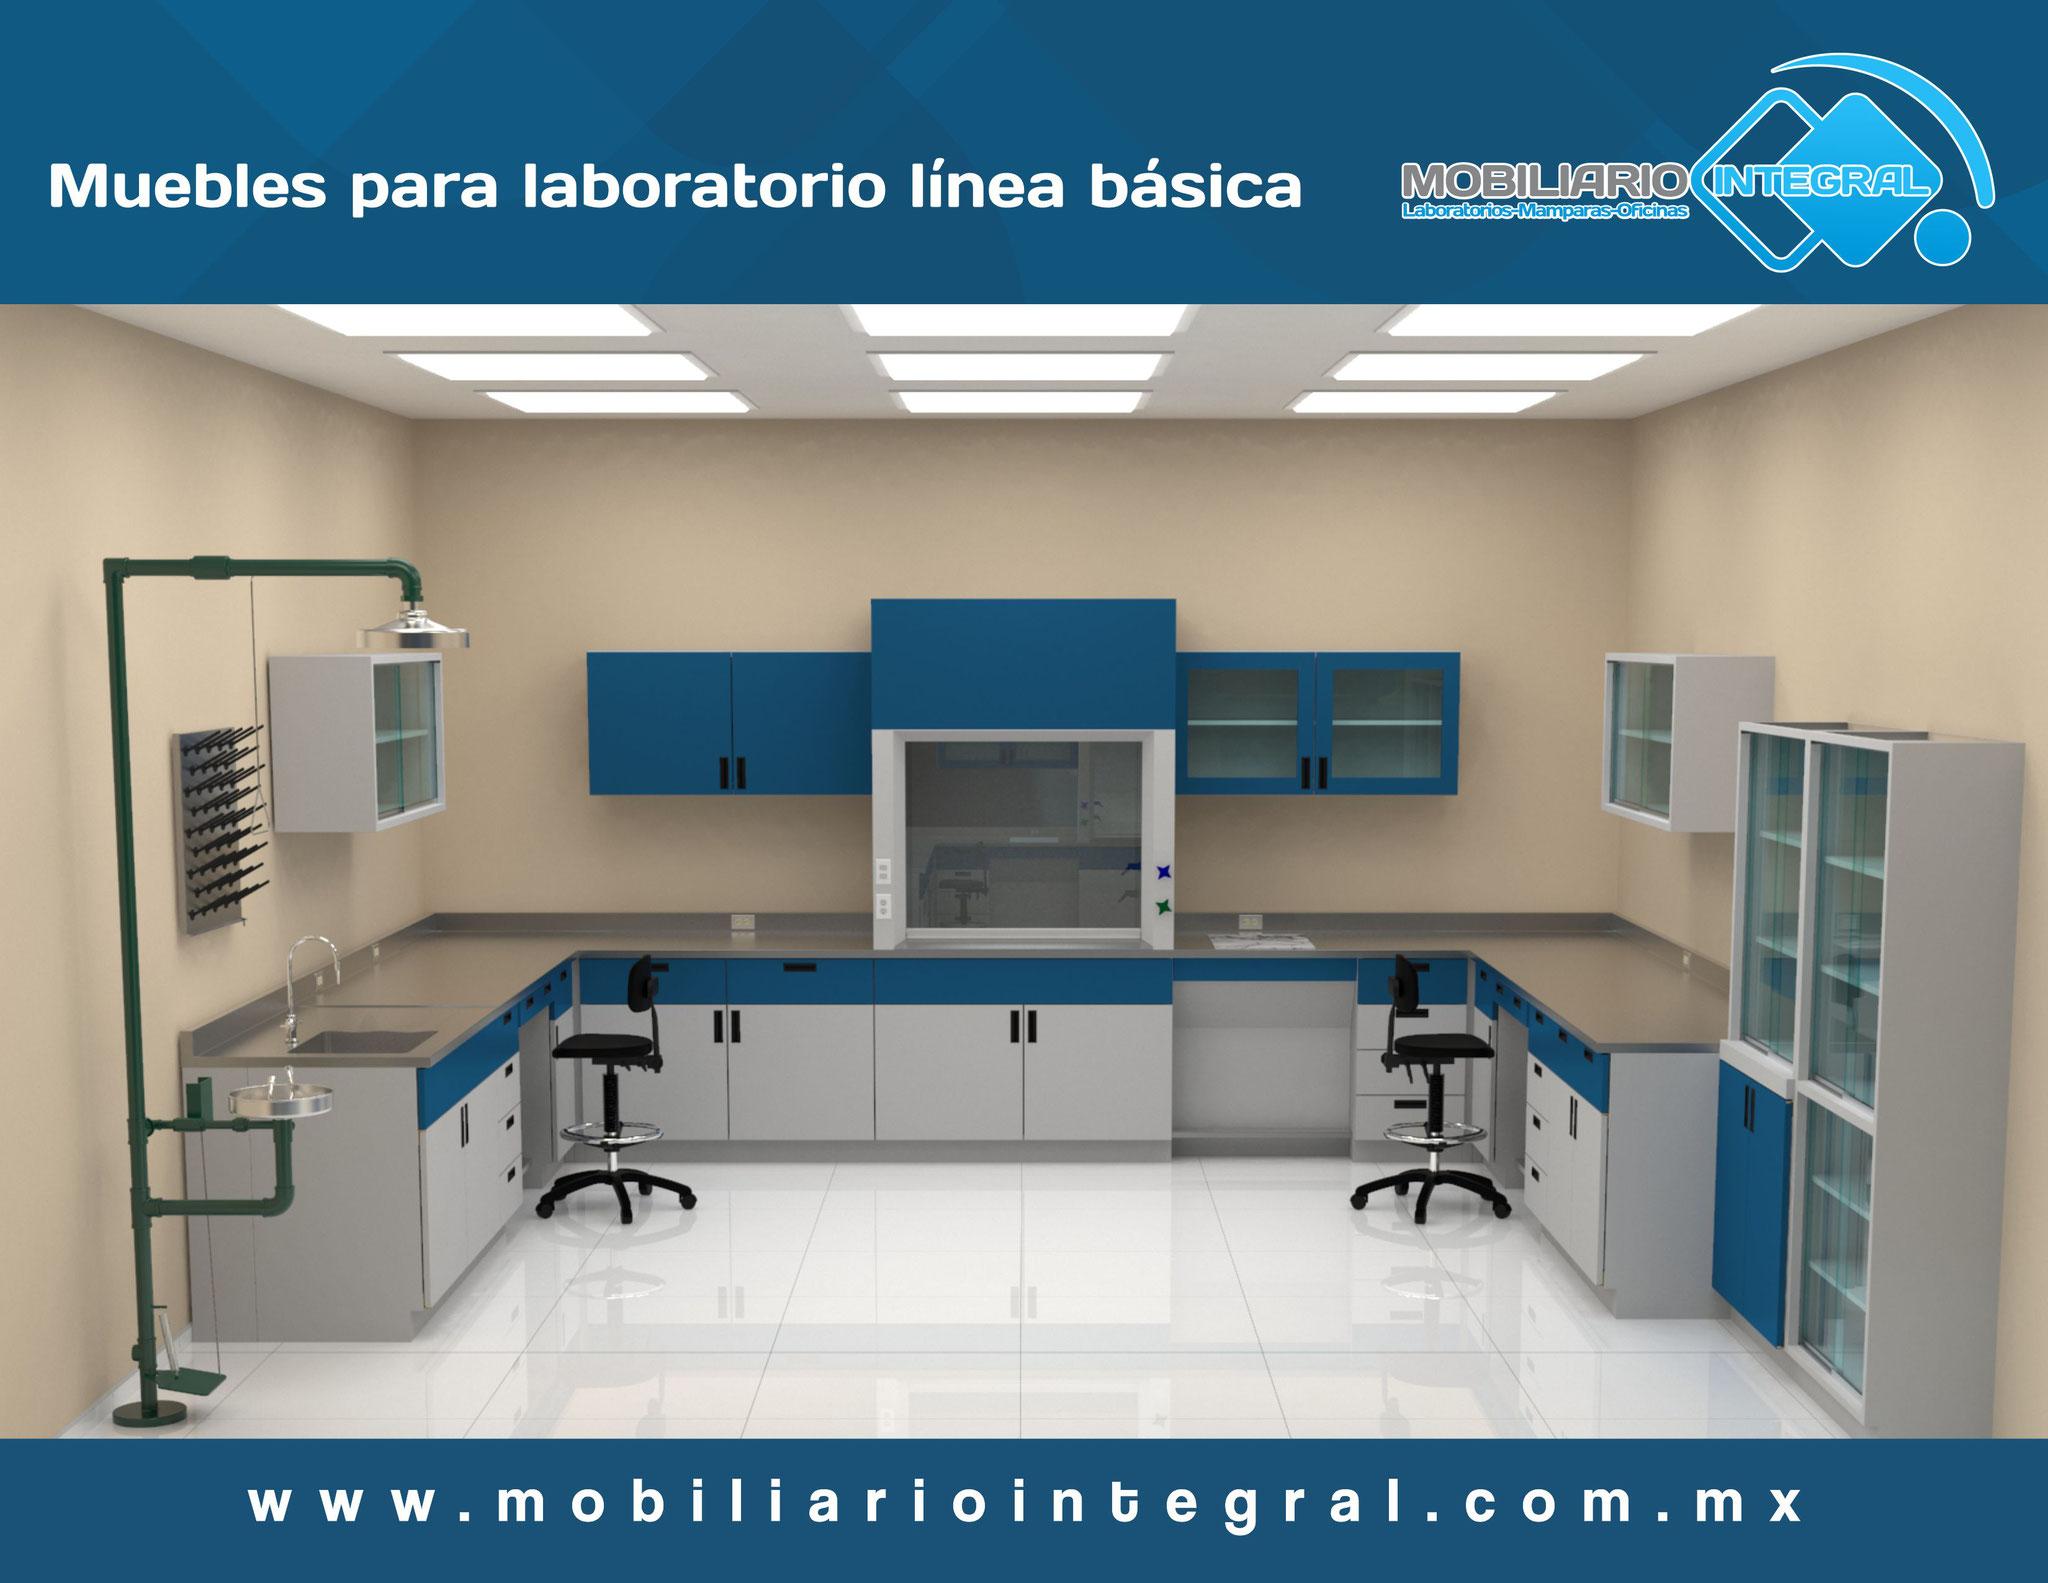 Muebles para laboratorio en Piedras Negras